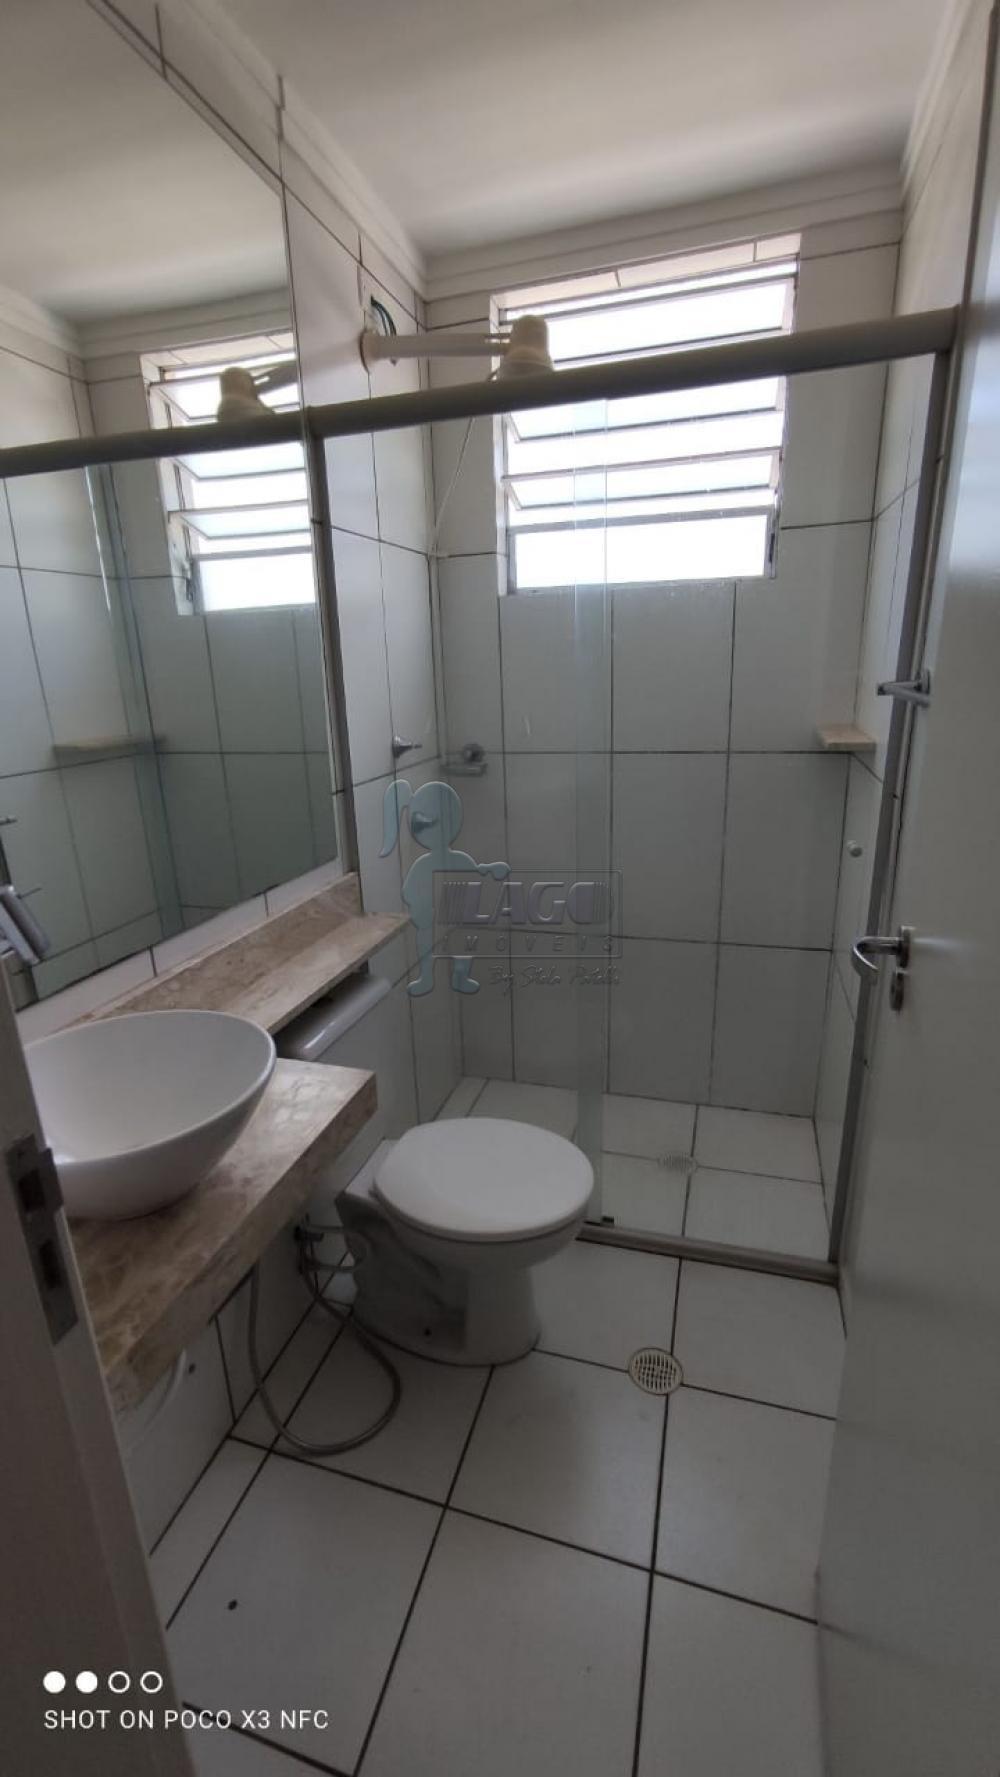 Alugar Apartamento / Padrão em Ribeirão Preto R$ 750,00 - Foto 12